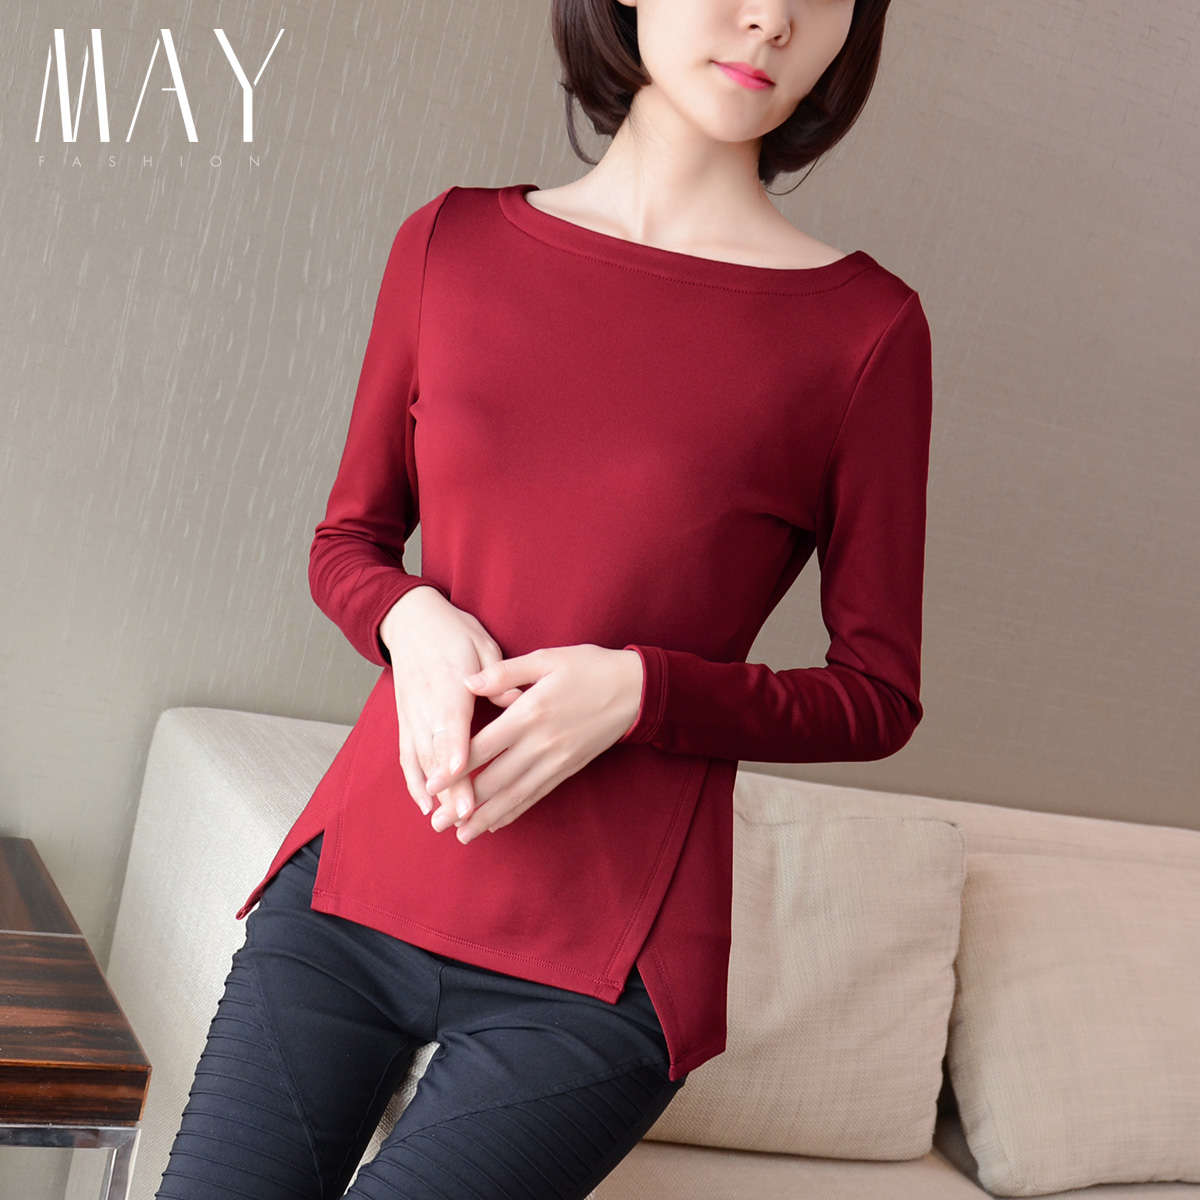 韩版2015春装新款大码修身不对称纯色女T恤加绒加厚显瘦打底衫 潮